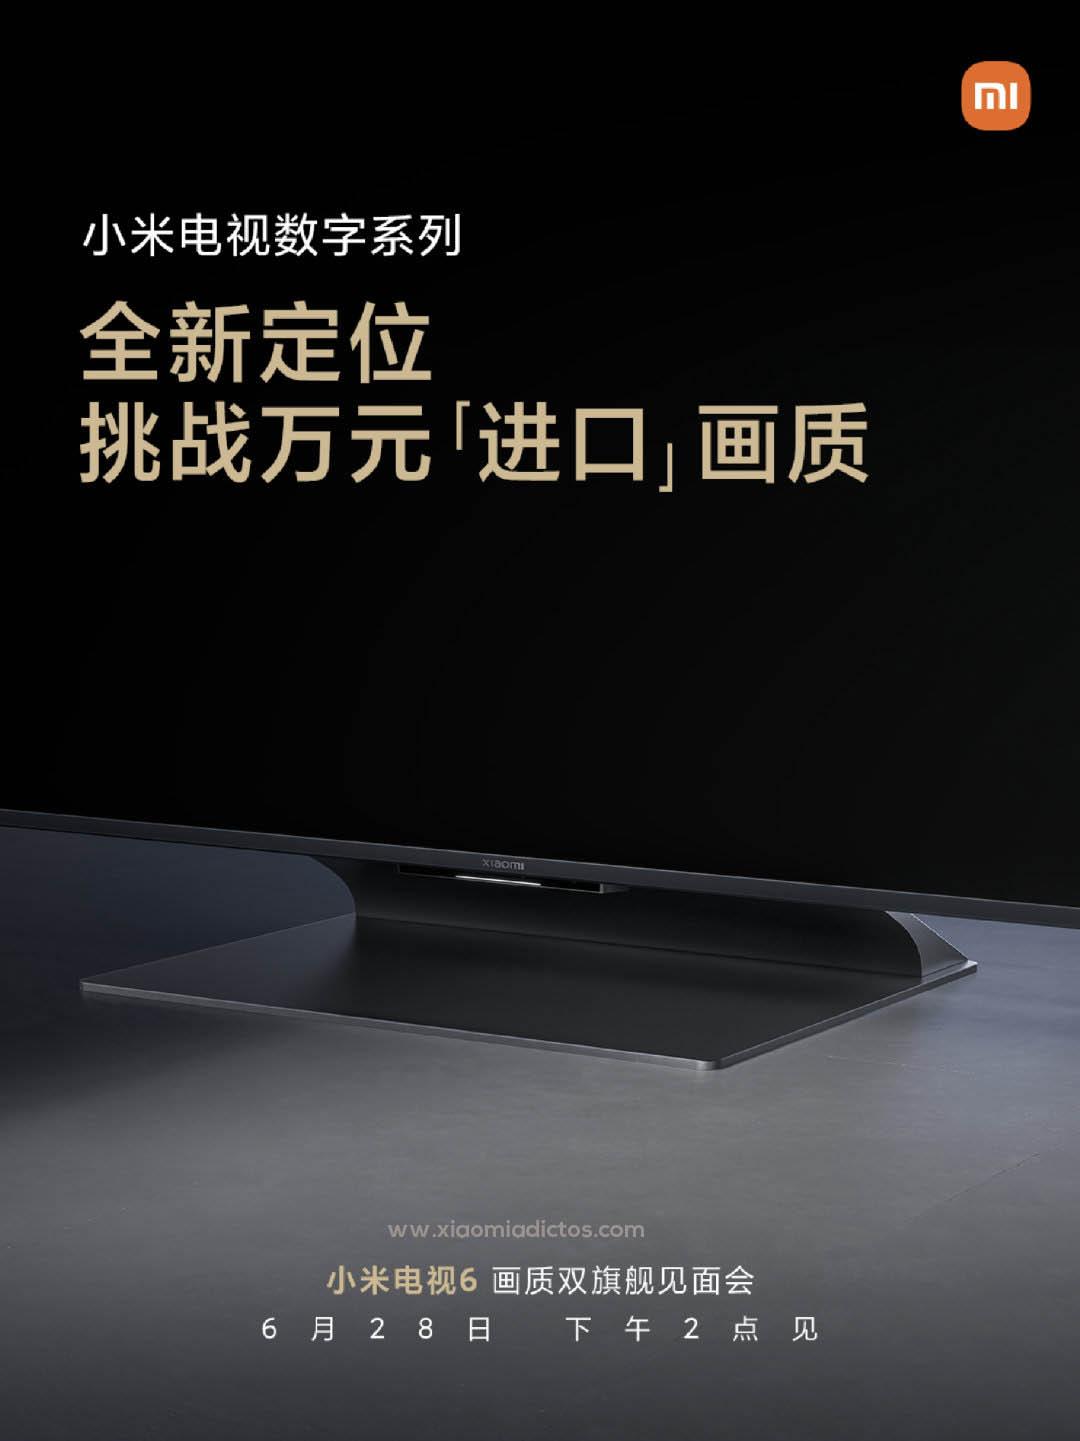 La nueva línea de televisores Xiaomi Mi TV 6 ya tiene fecha de presentación. Noticias Xiaomi Adictos